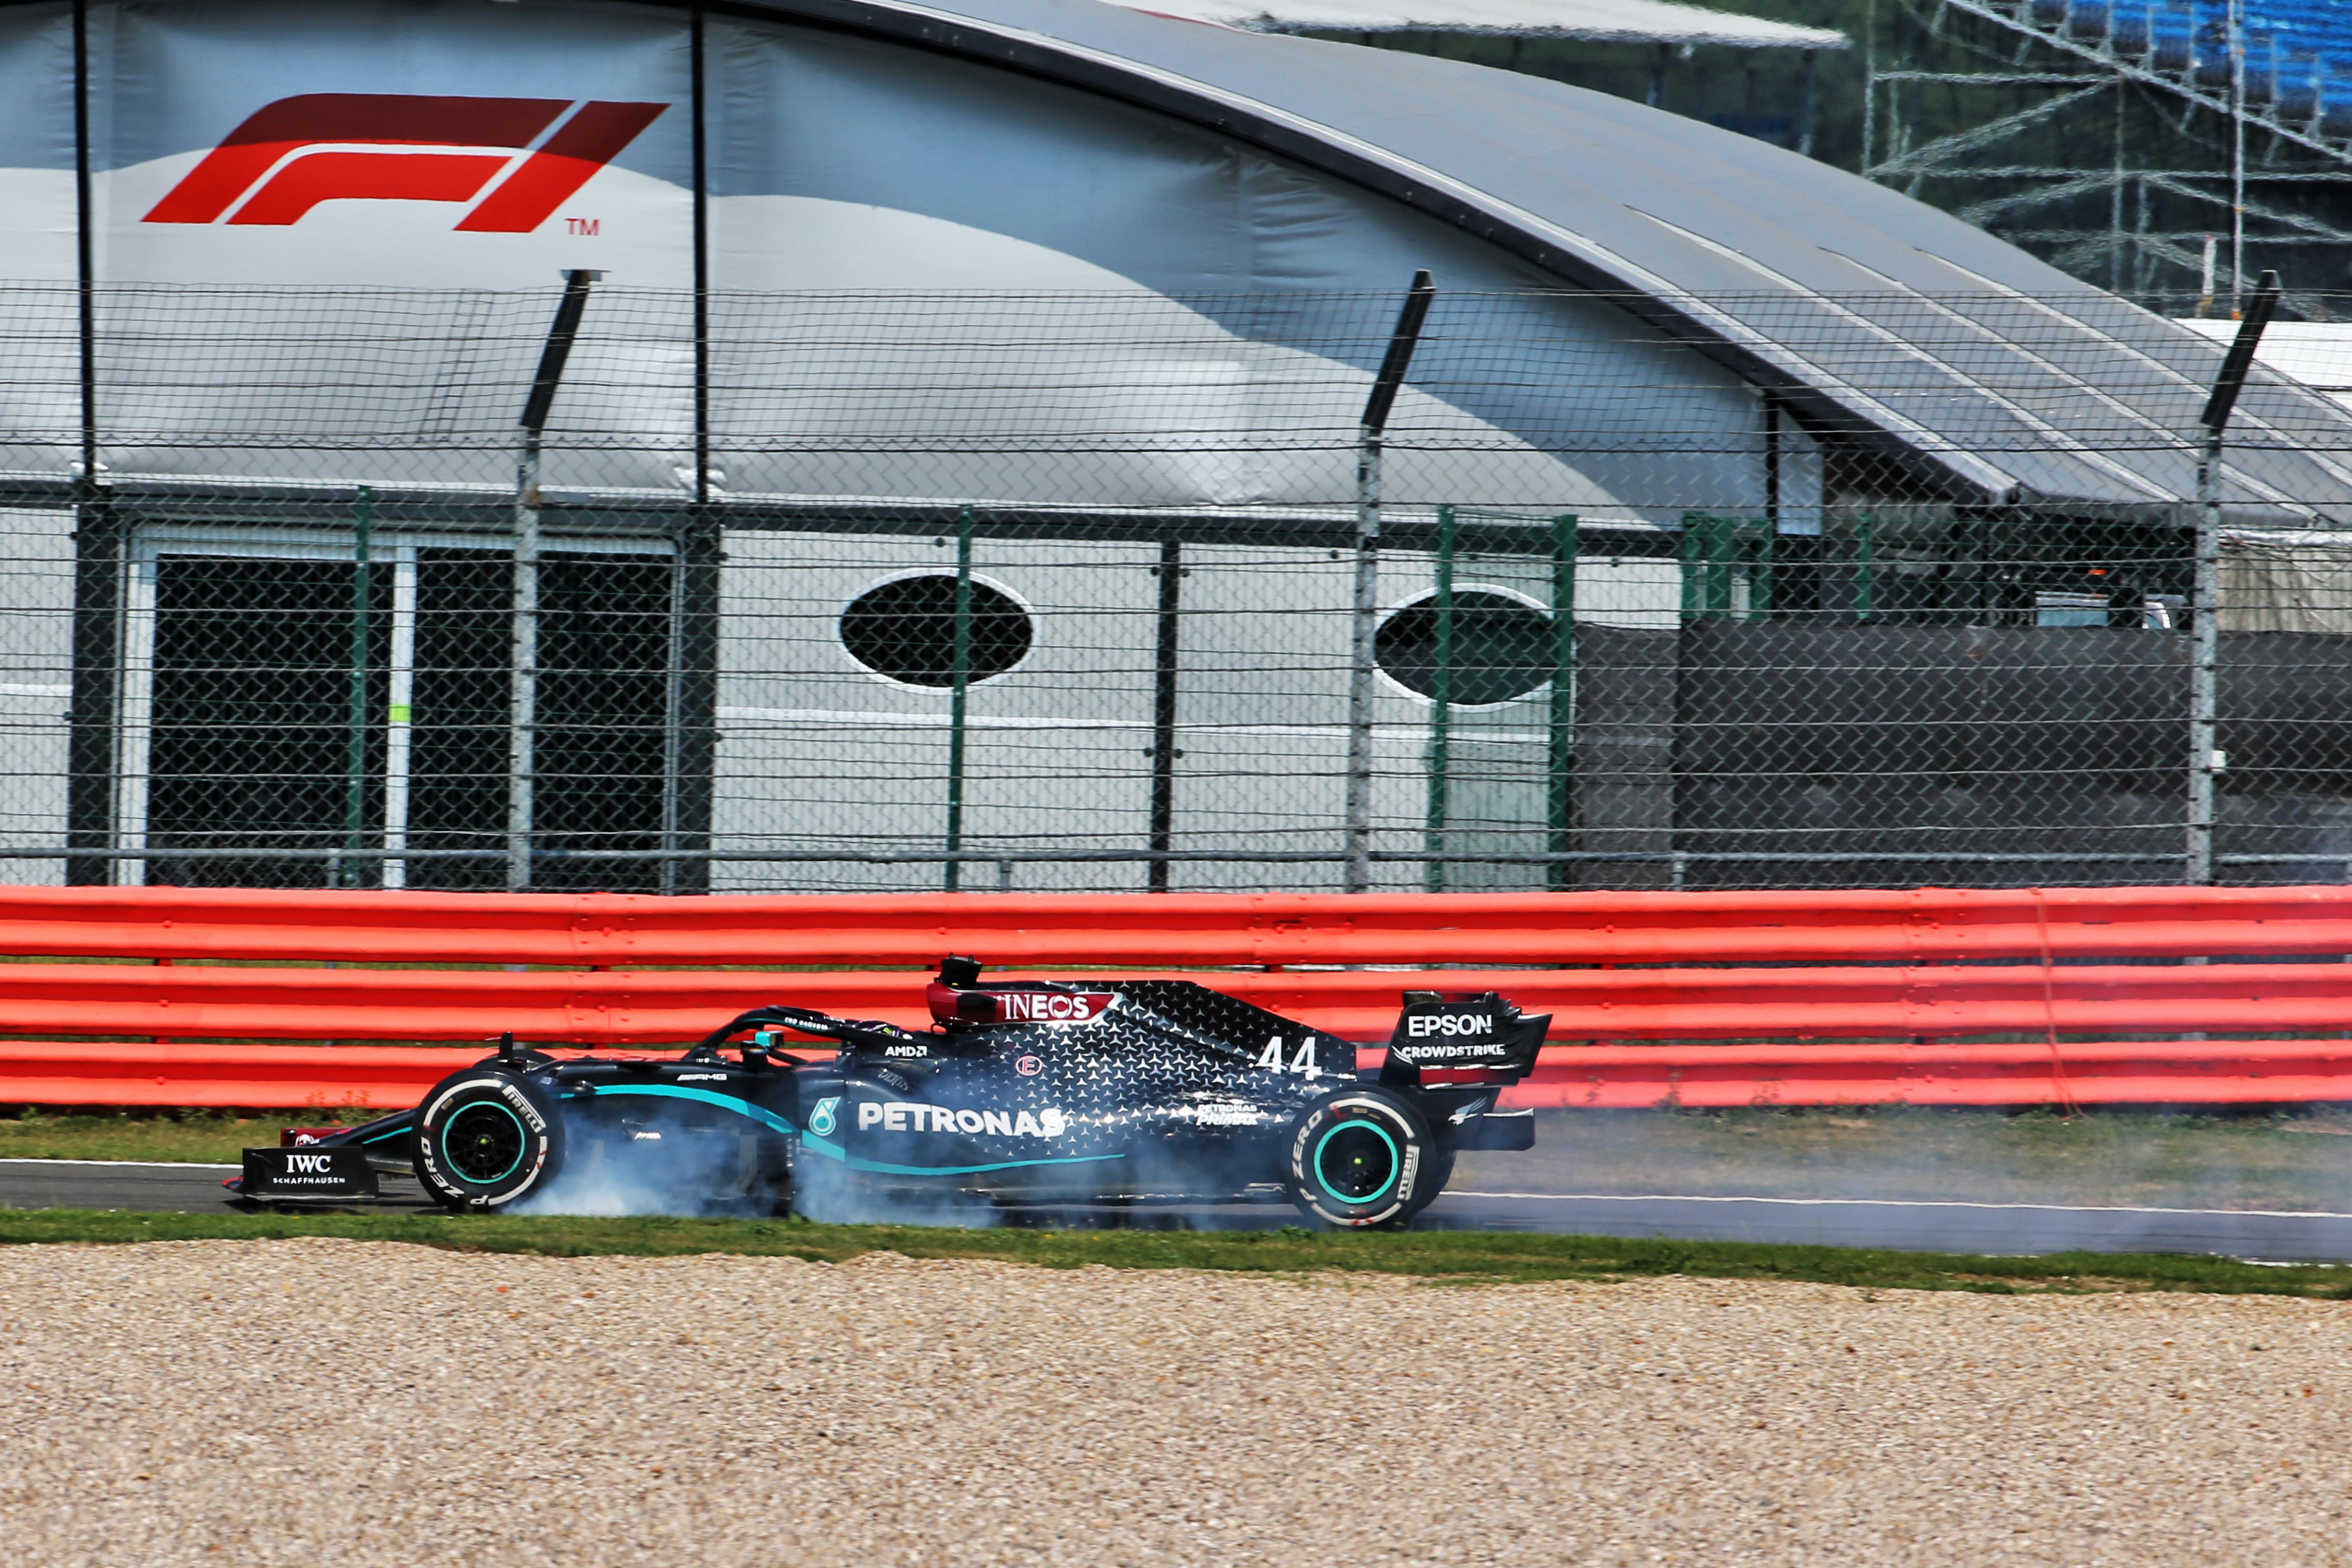 Lewis Hamilton Mercedes 70th Anniversary Grand Prix Silverstone 2020